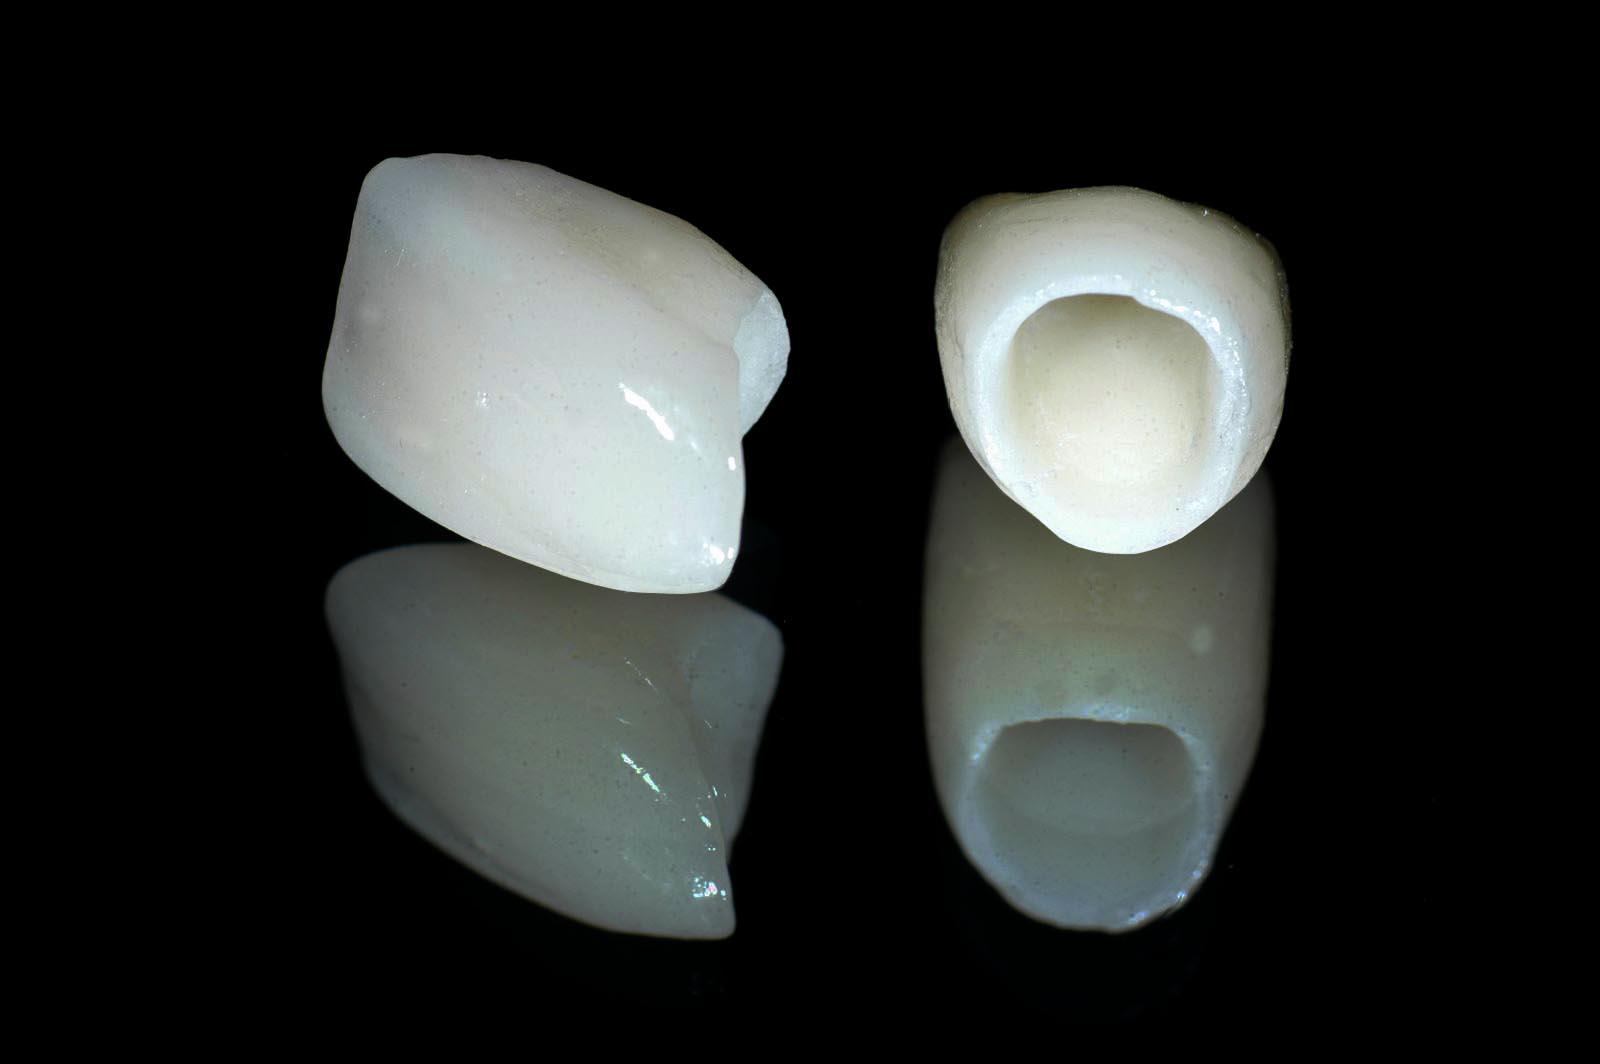 Trồng răng giả loại nào tốt nhất hiện nay?2